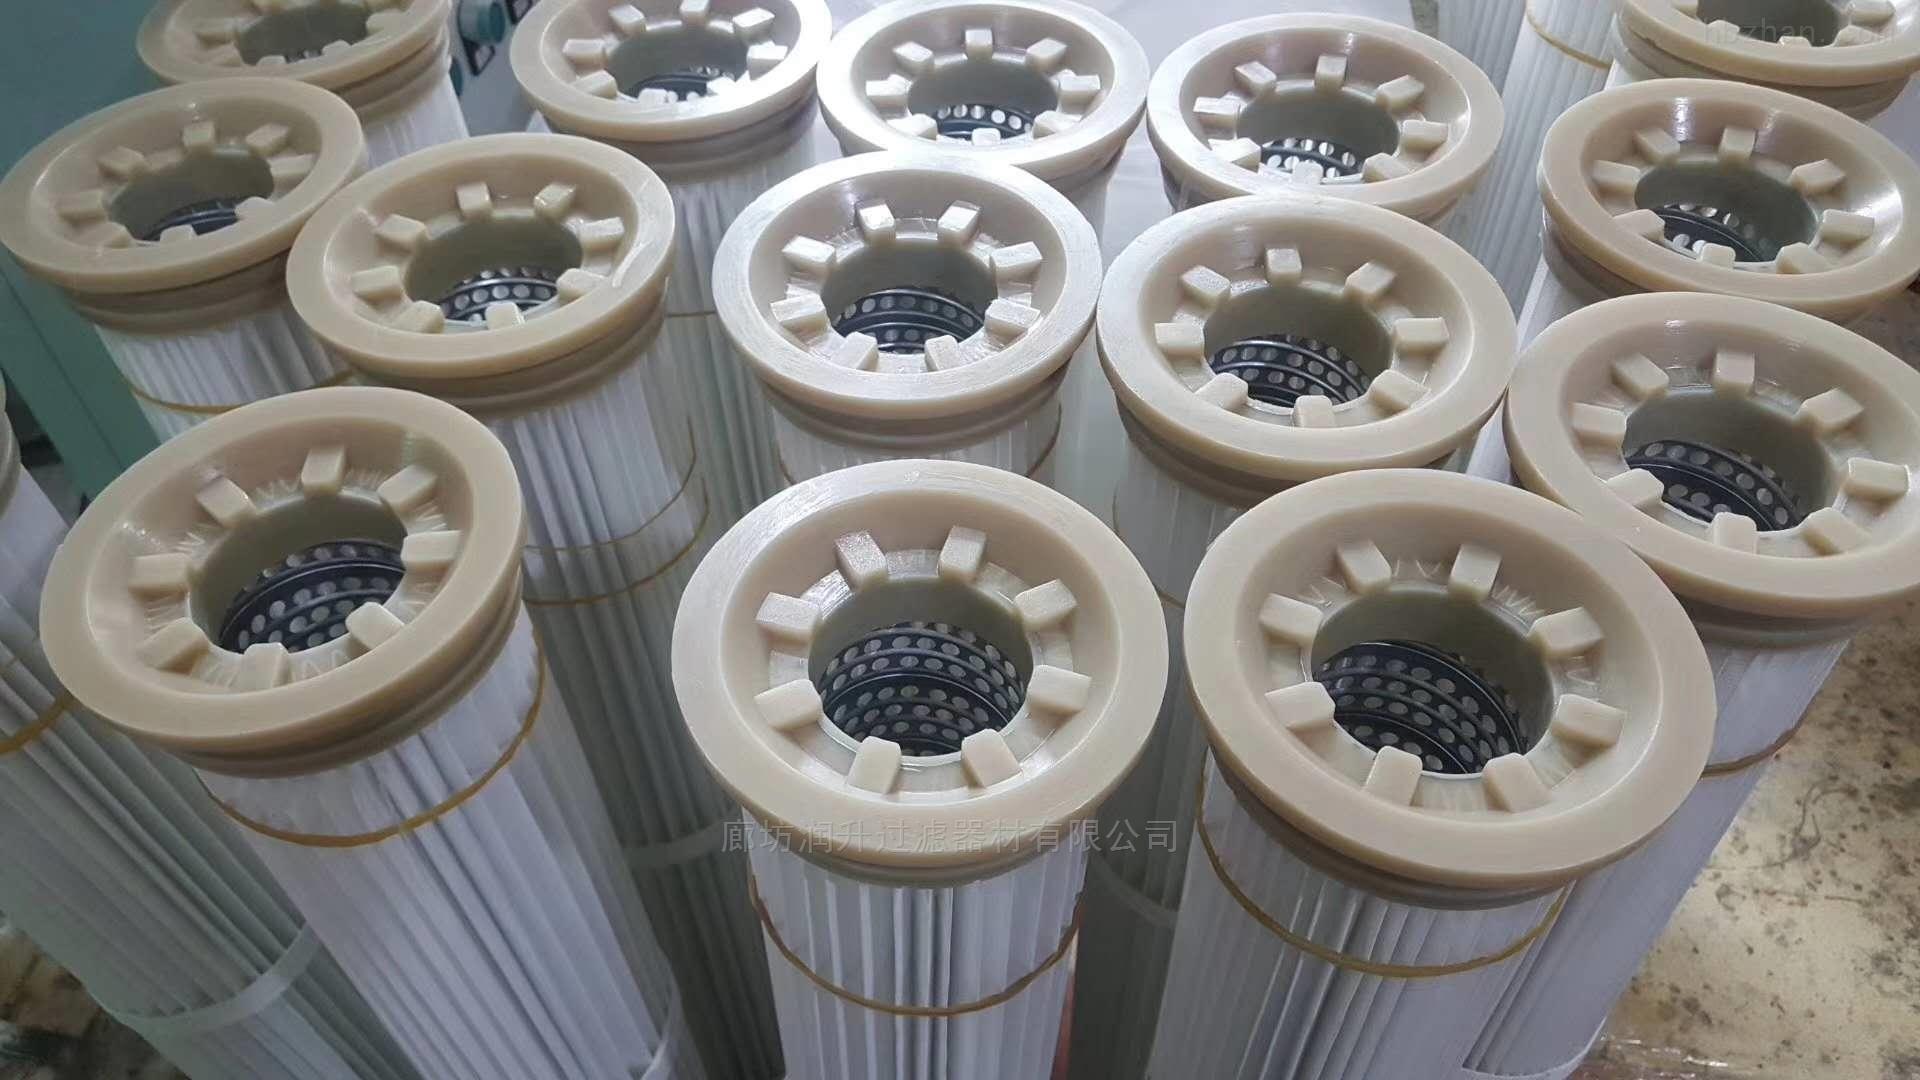 太原DFM40PP005A01滤芯厂家批发